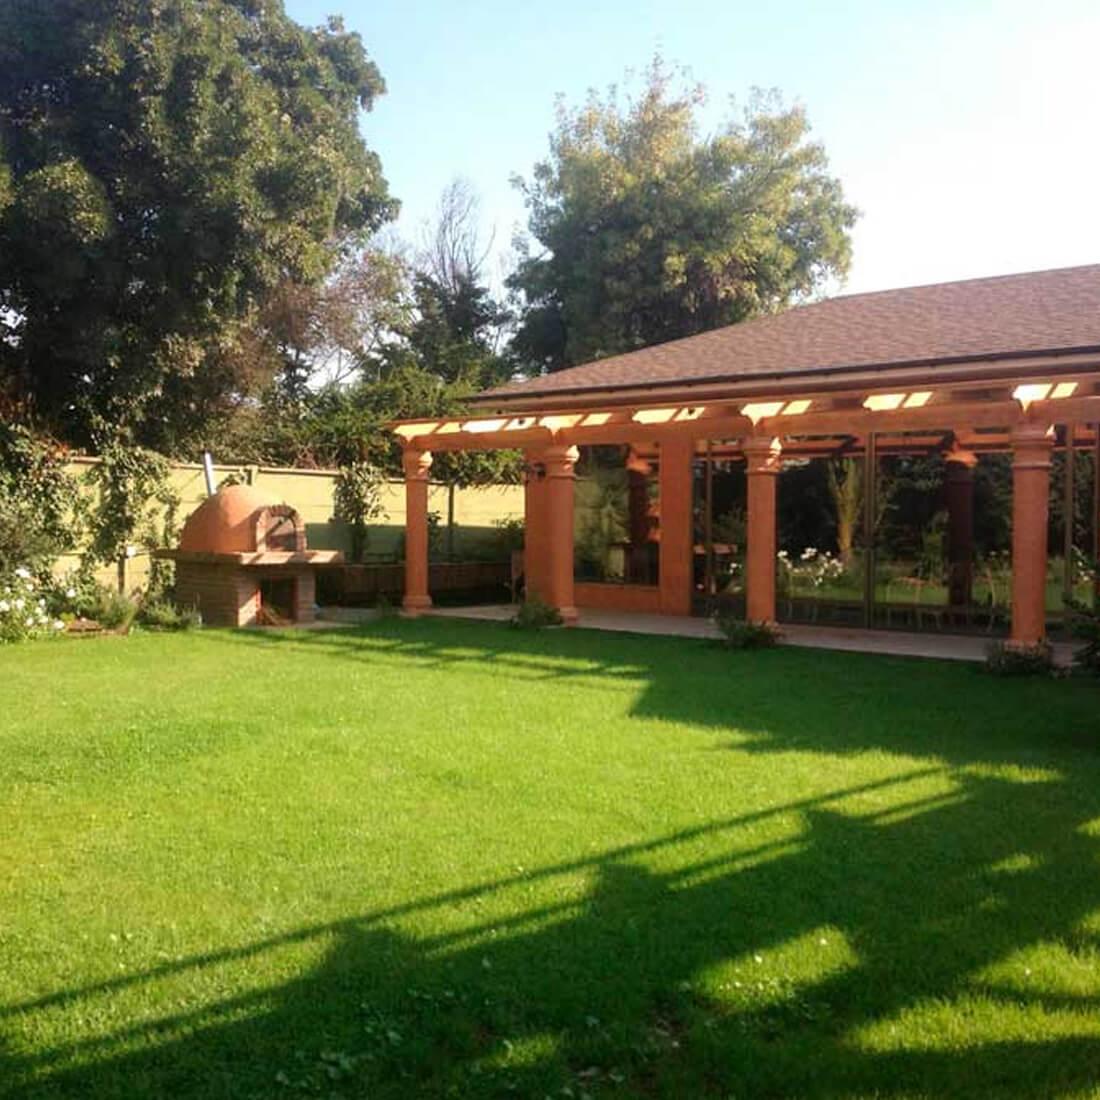 LA DIVINA COMIDA Restaurante - Reserva en restaurantes de Comida ITALIANA / PASTAS - LO BARNECHEA - MESA 24/7 | SANTIAGO - Perú